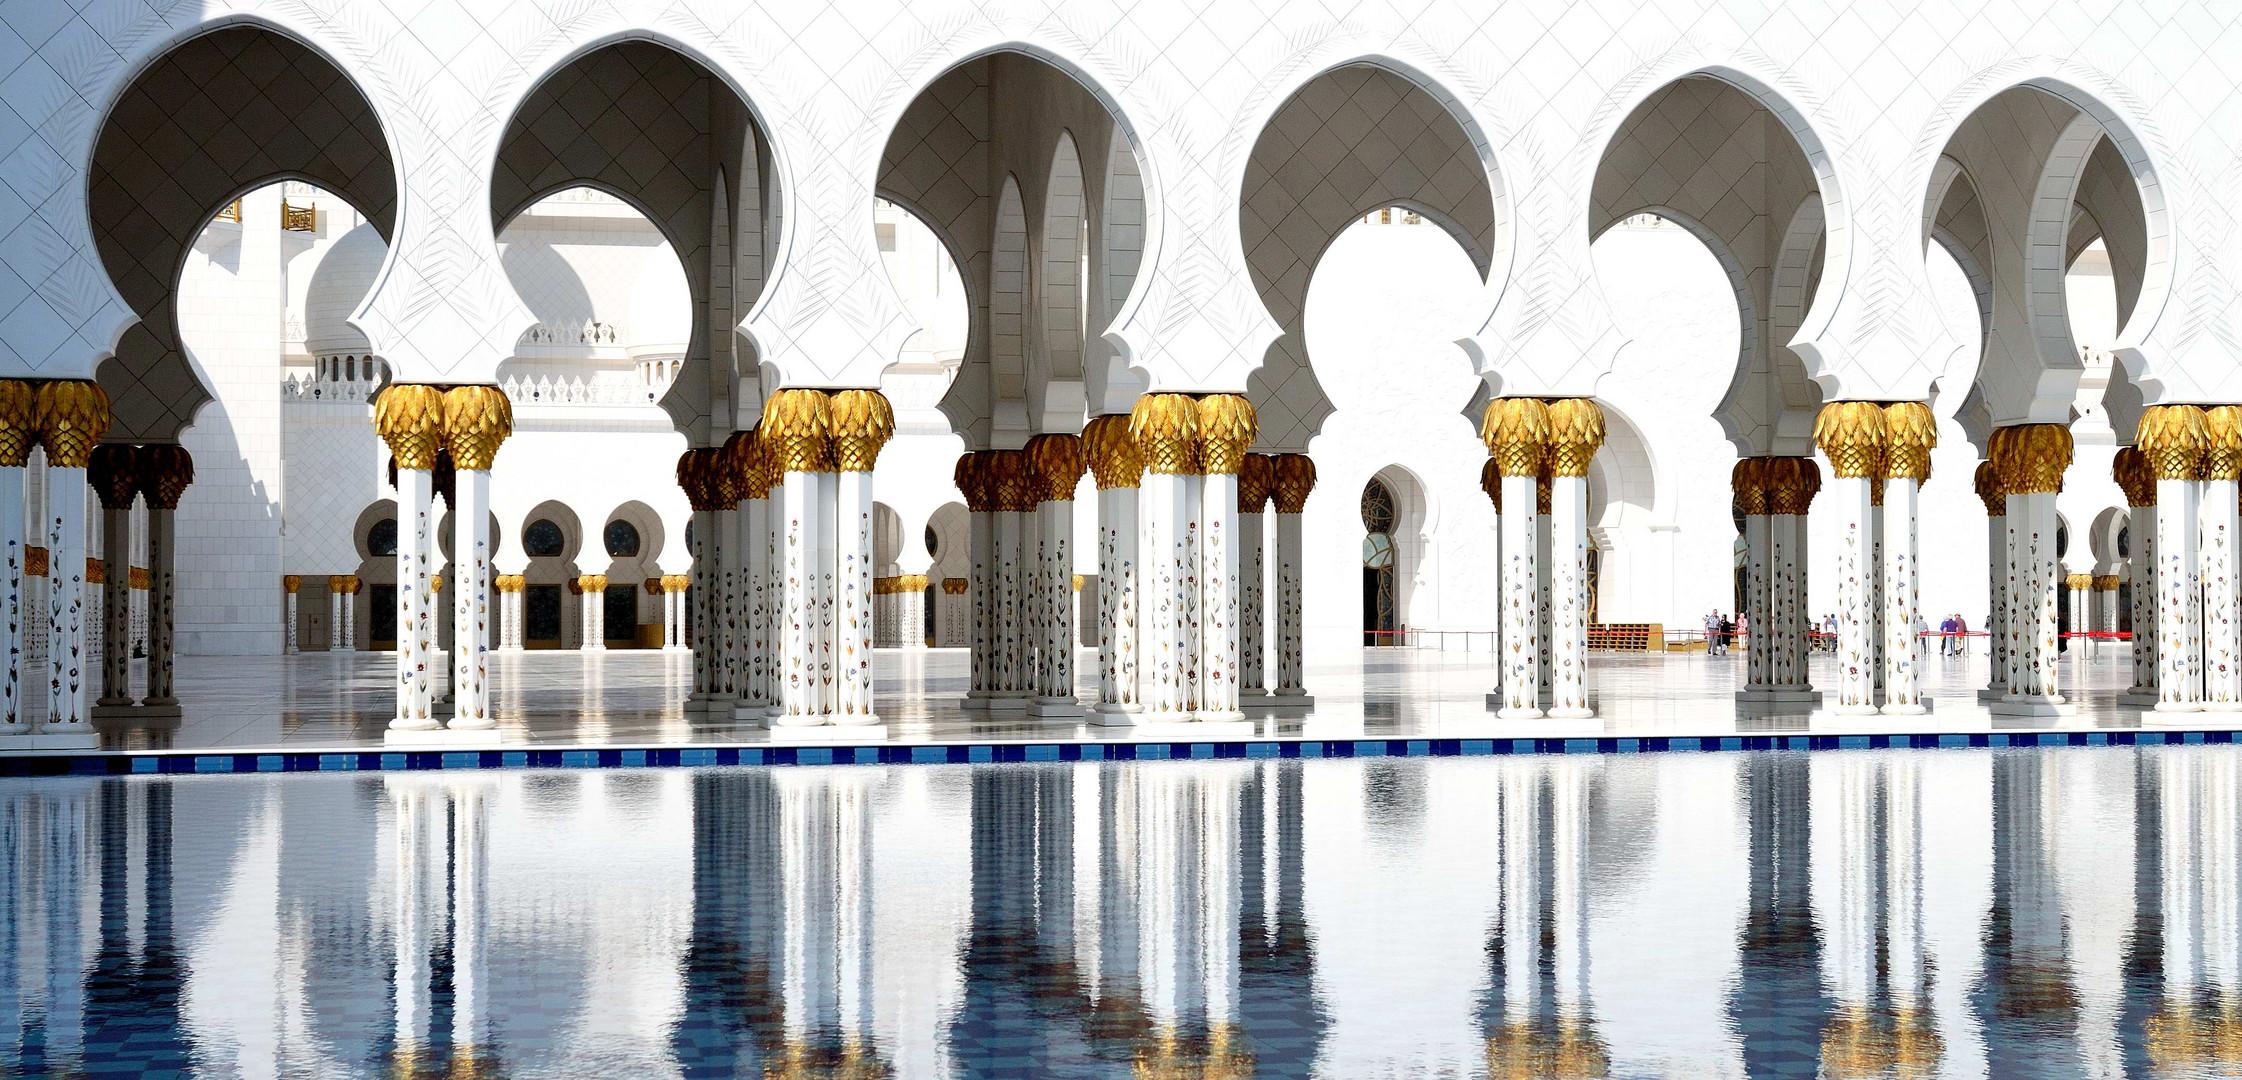 Sheikh-Zayed-Moschee, wie 1001 Nacht ?